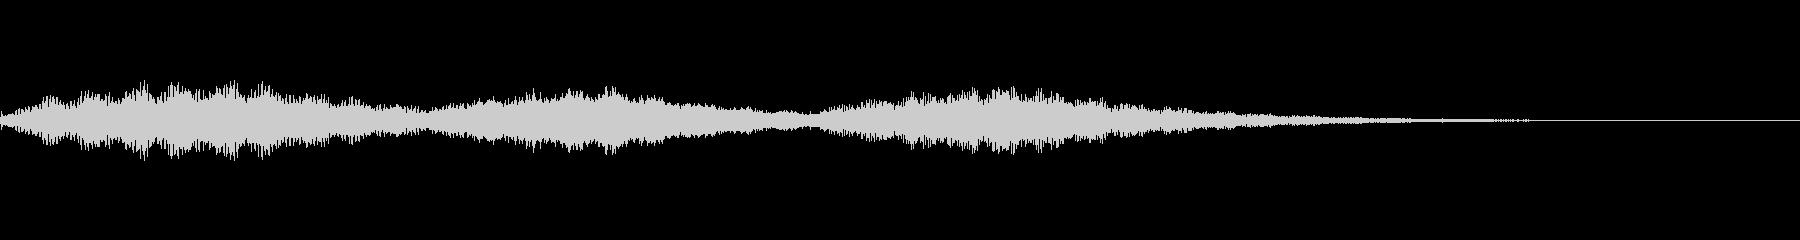 ホラー用のゴングの未再生の波形